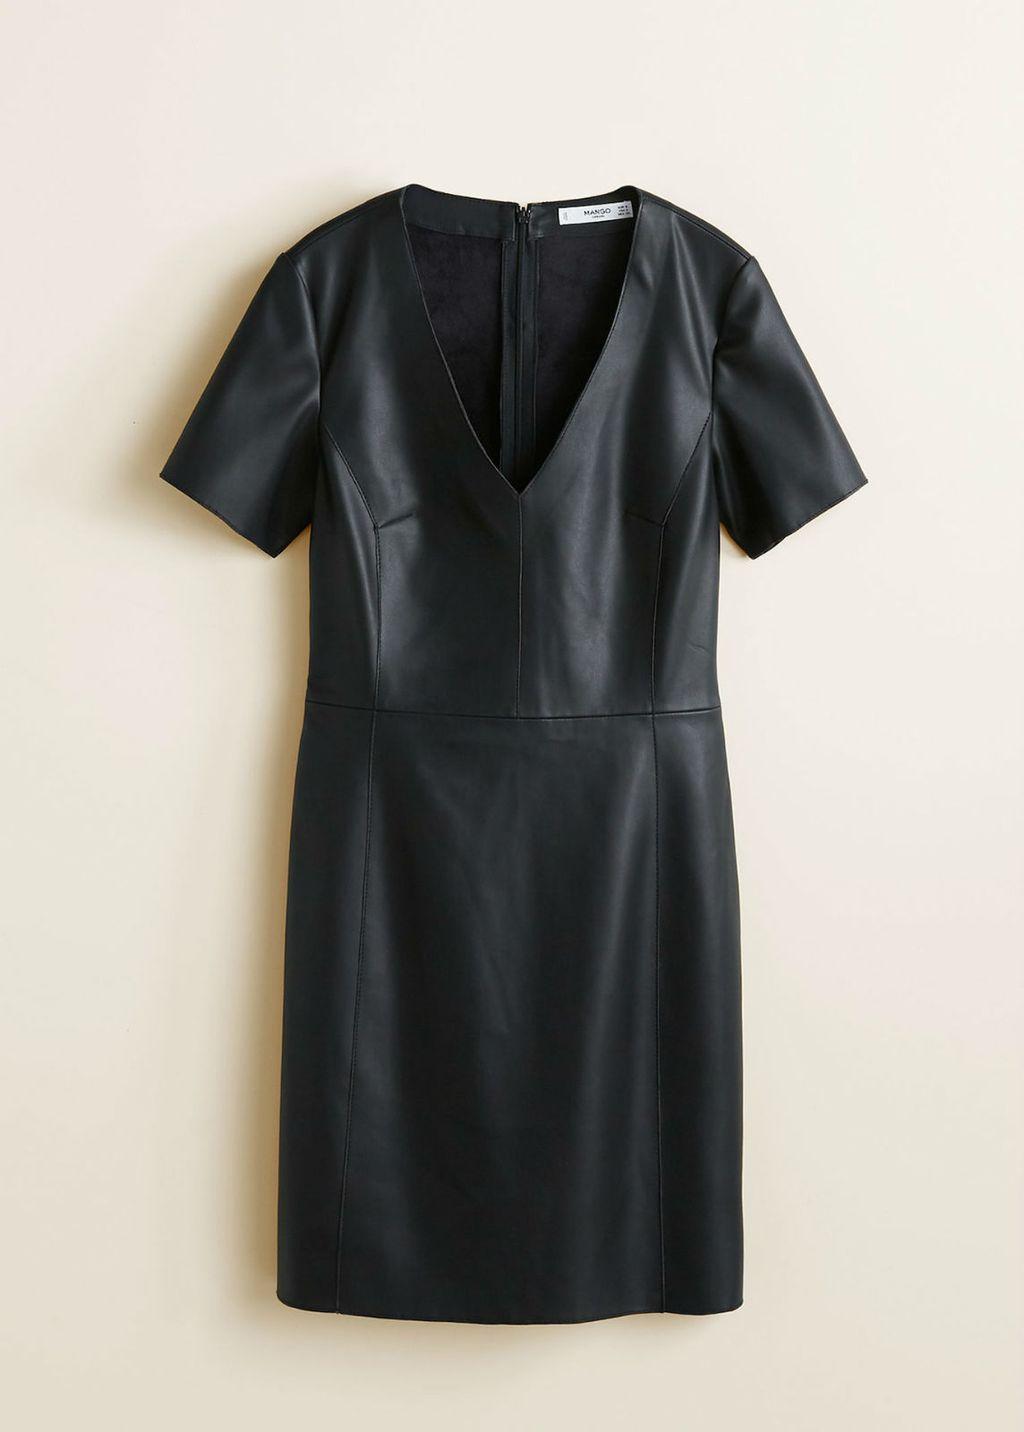 Mala crna haljina iz trgovina - 4